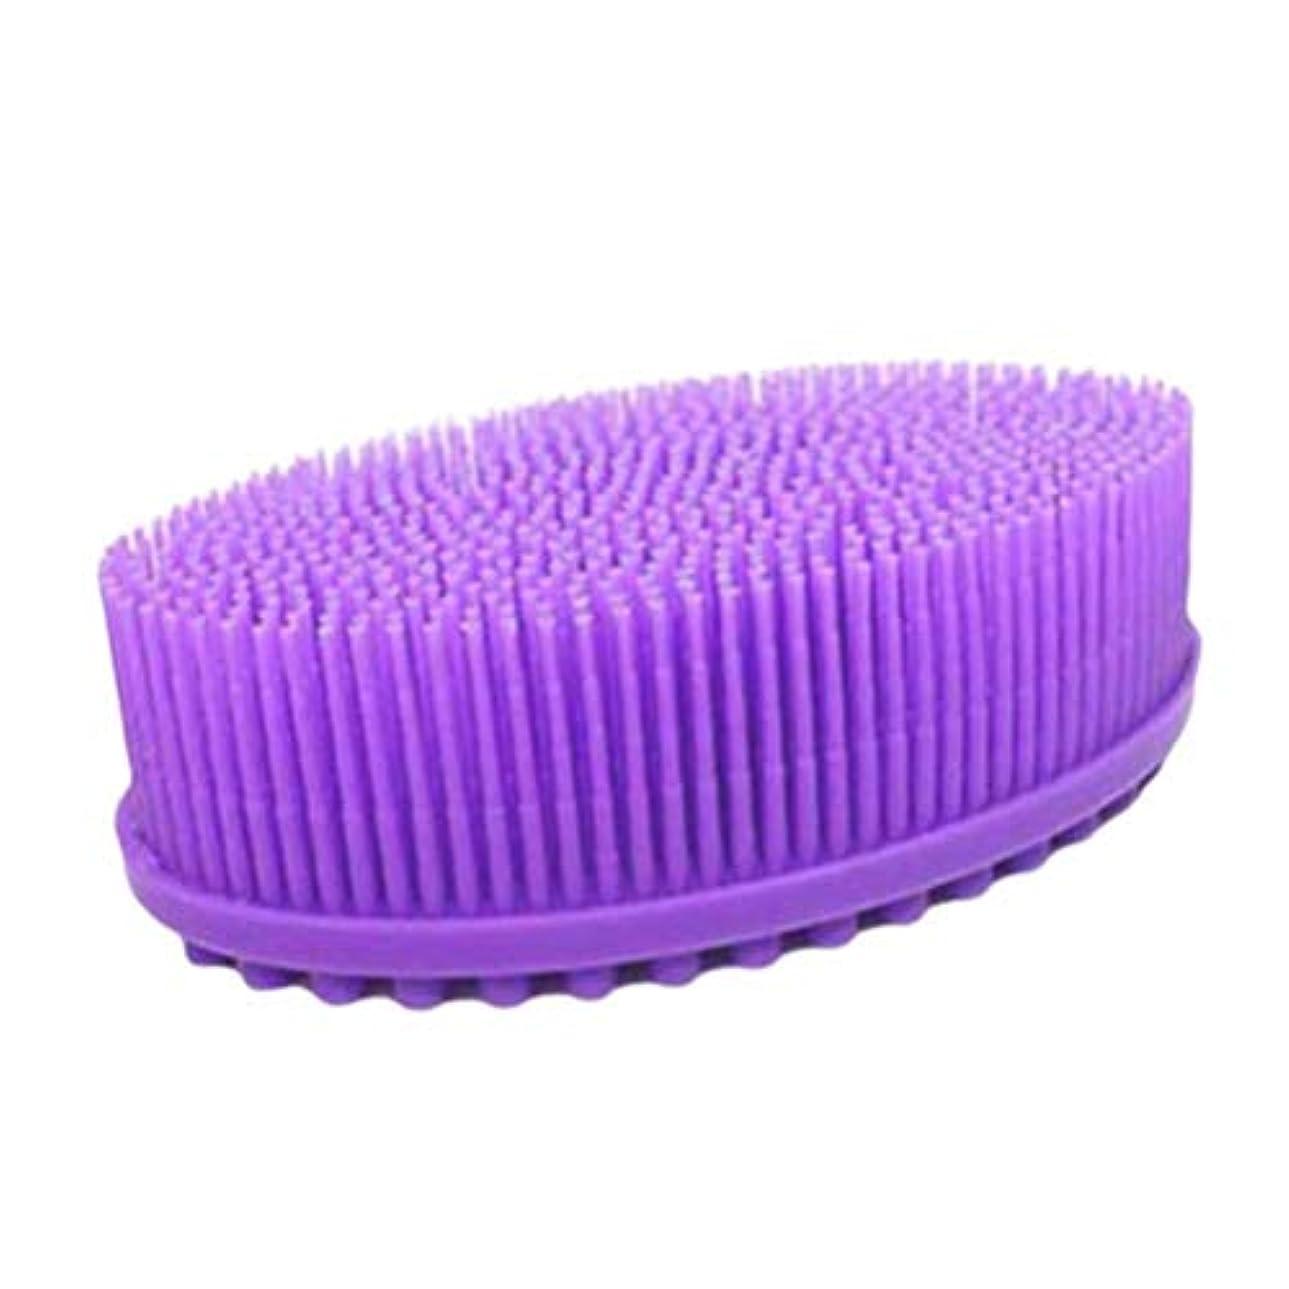 肺でるブロックTOPBATHY ベビーシリコンボディヘアシャンプーブラシバスバックブラシスキンマッサージラウンドヘッドボディシャワーブラシ(紫)